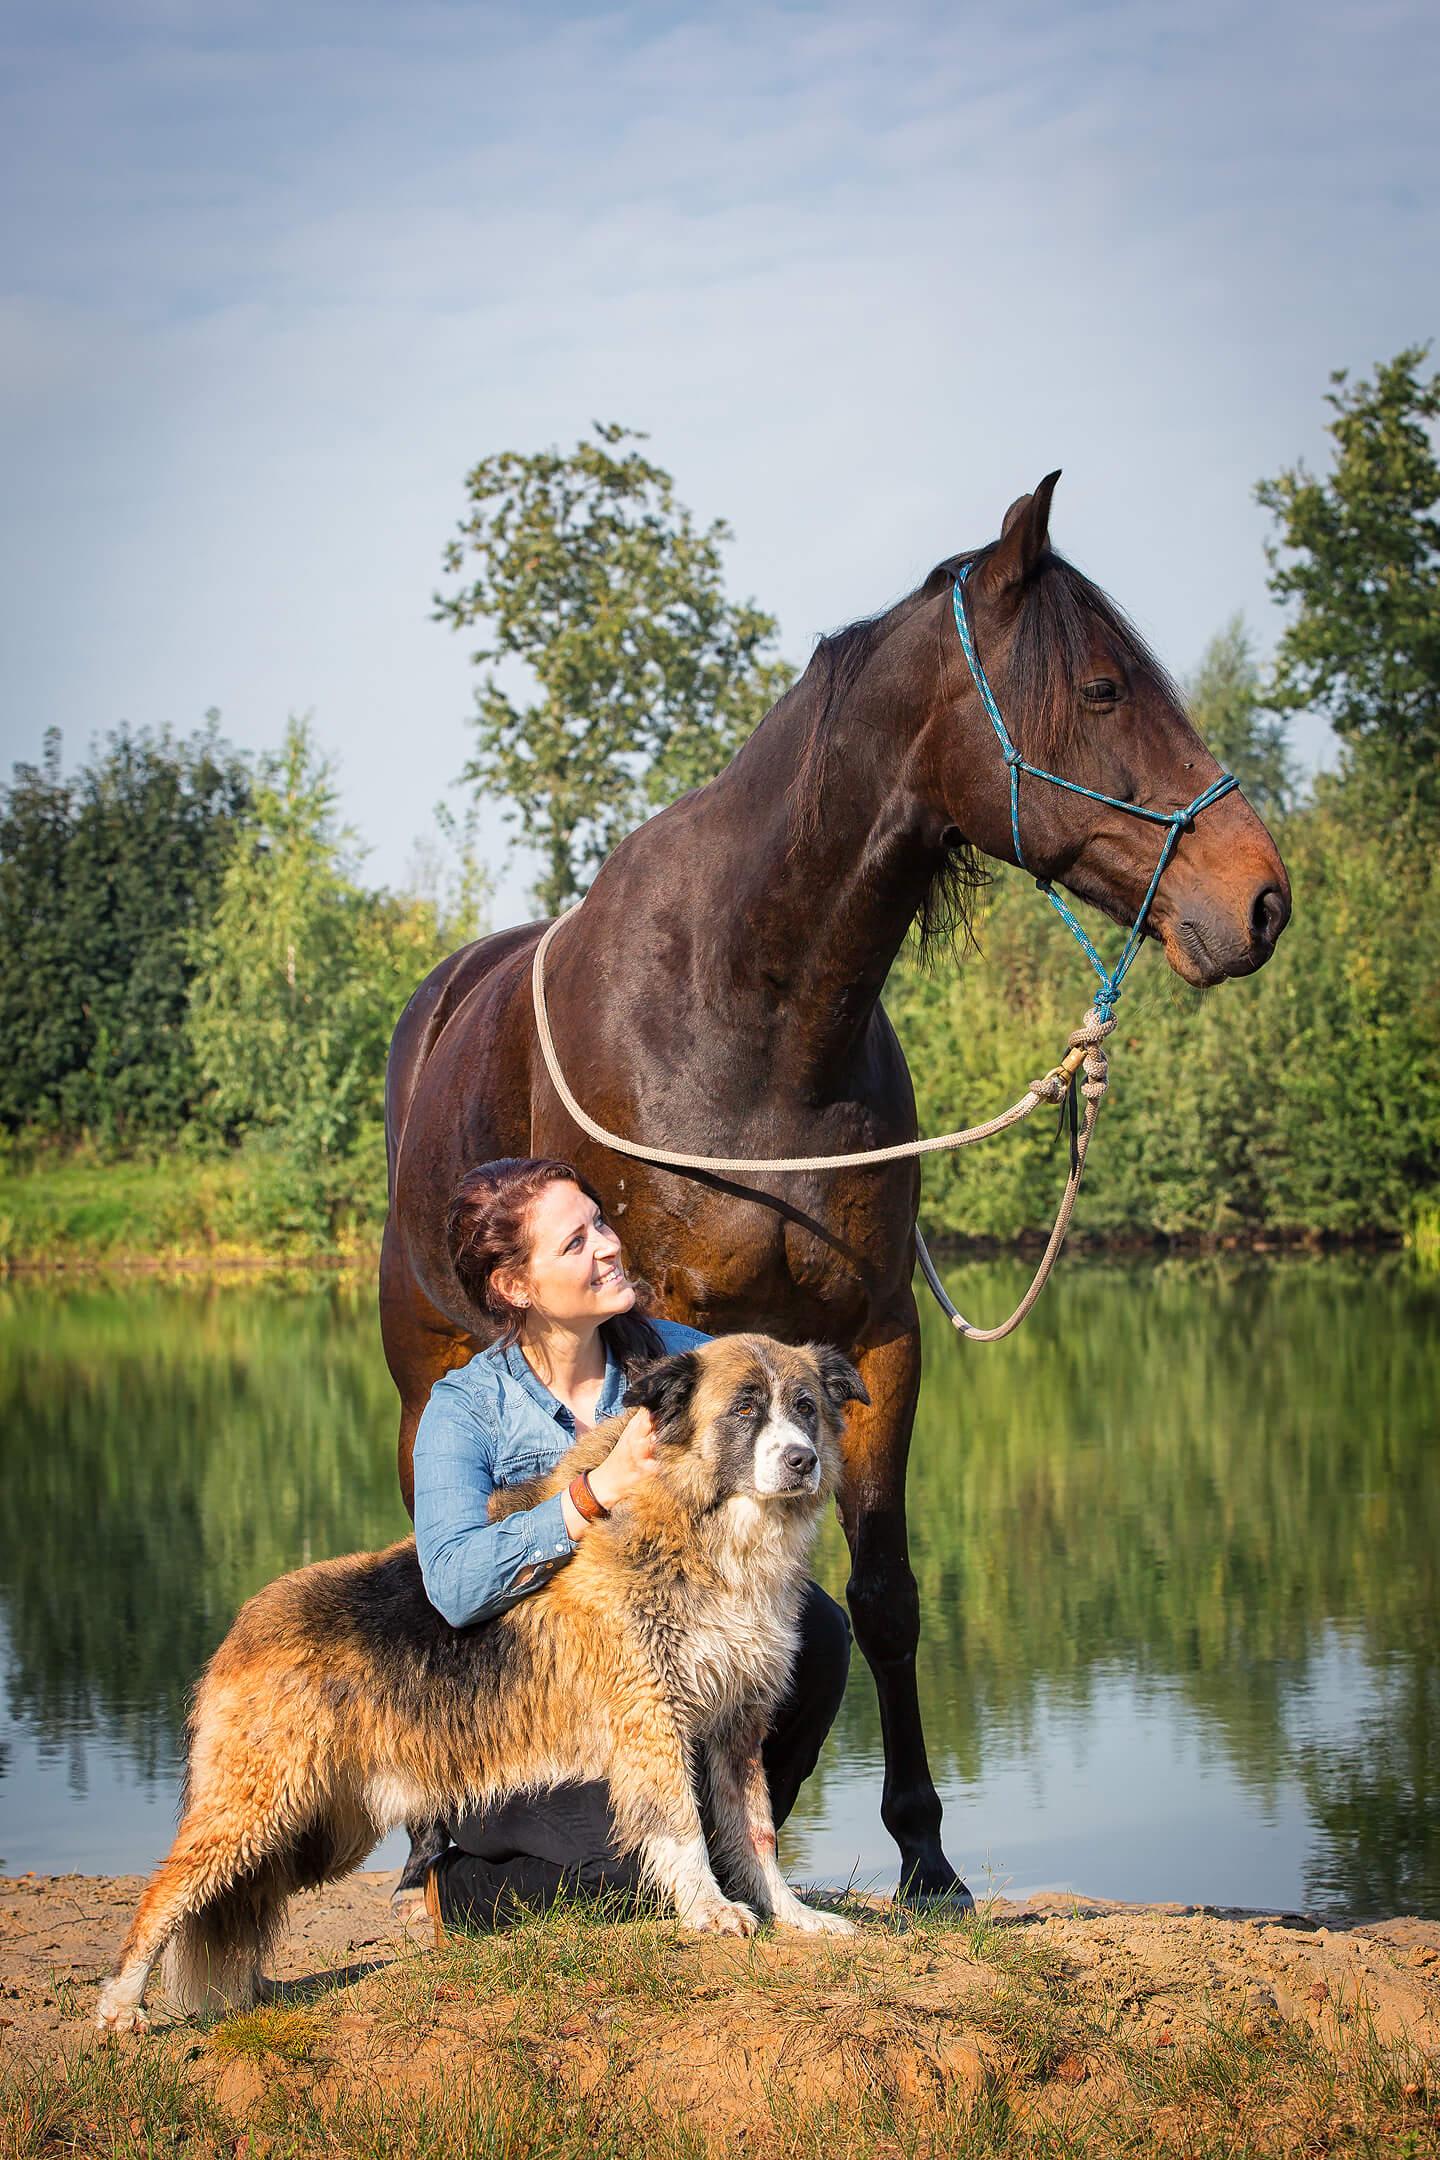 Pferde-Fotoshooting mit Reiterin und Hund